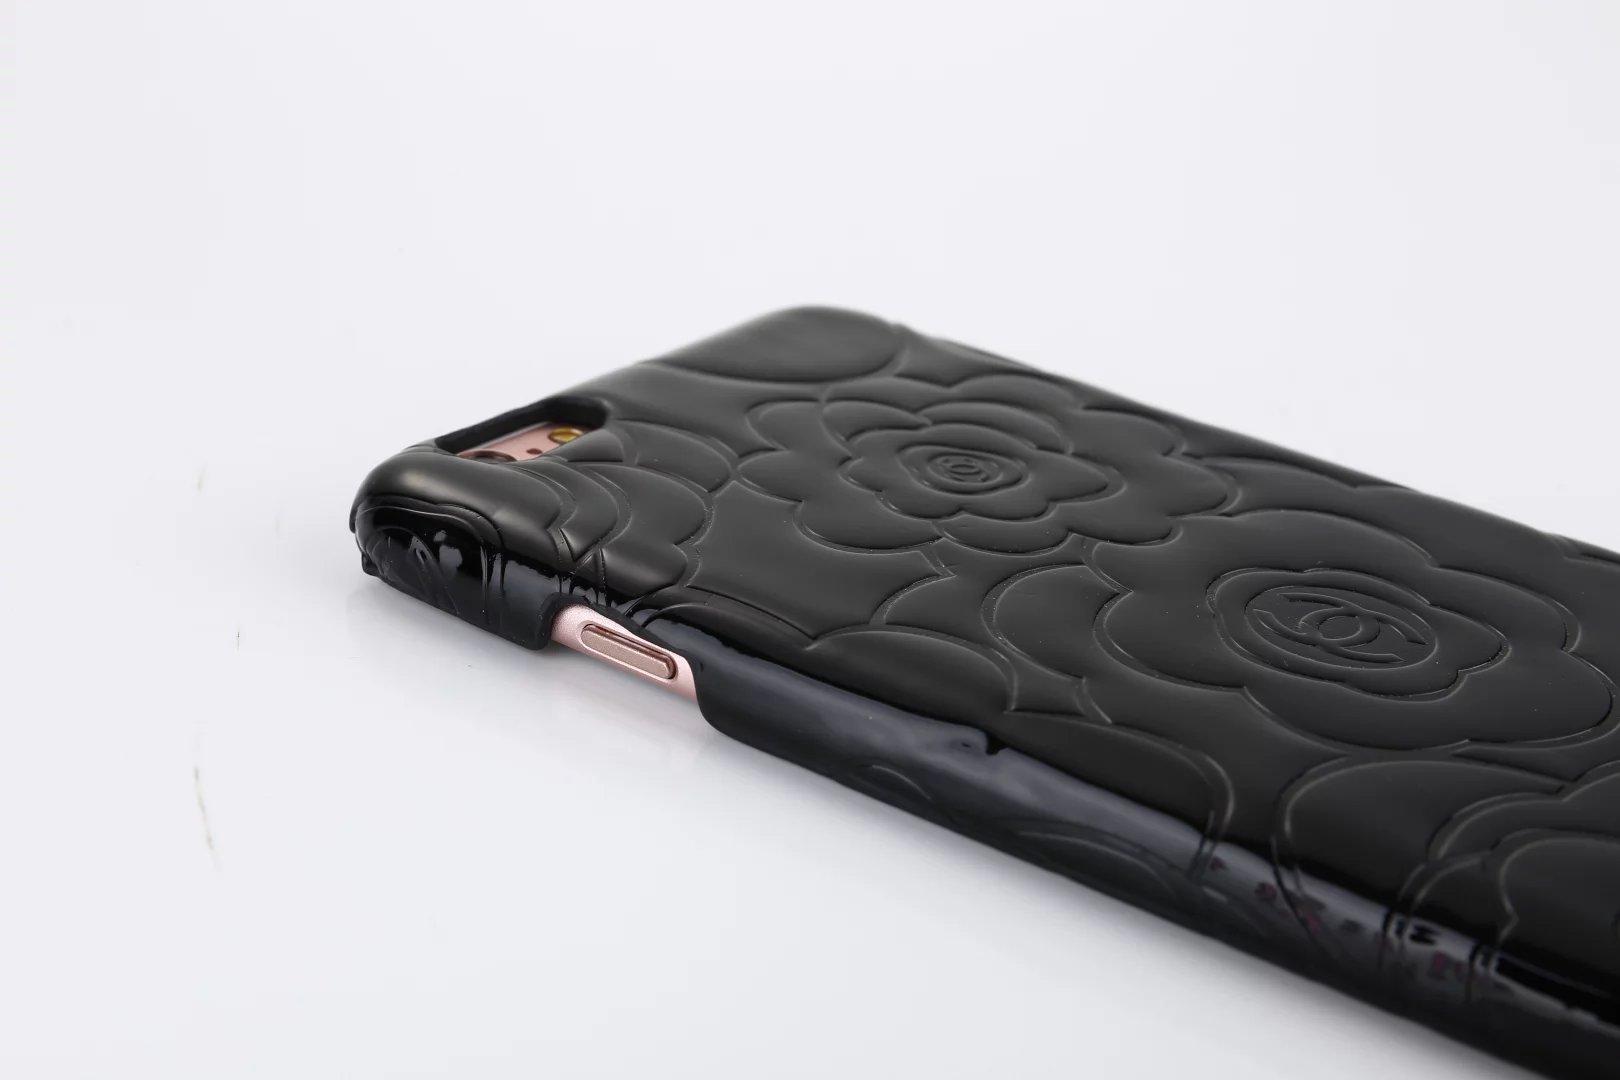 iphone case bedrucken iphone hülle selbst gestalten Chanel iphone 8 Plus hüllen ca8 Plus 8 Pluslber machen handytasche für iphone 8 Plus handyhülle foto iphone iphone 8 Plus deutsch iphone ledertasche iphone hüle